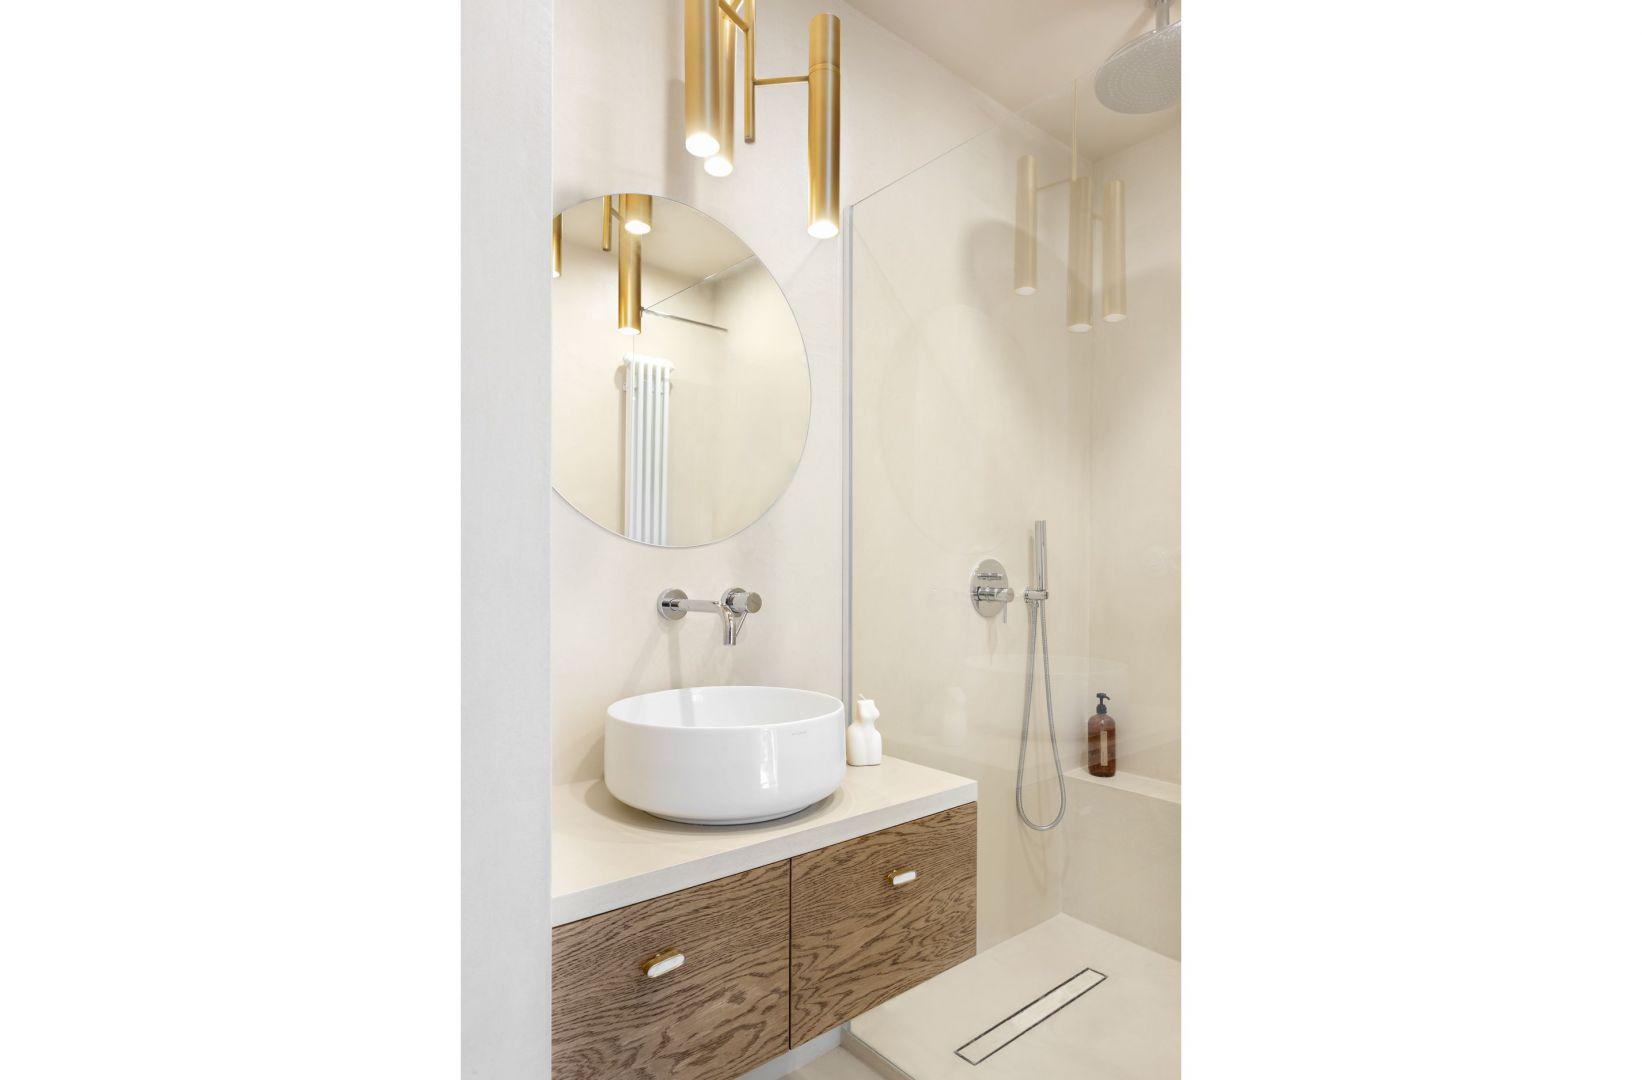 Bezpłytkowa łazienka to monochromatyczna przestrzeń w piaskowym kolorze. Projekt: Patrycja Morawska. Fot. Anna Laskowska/Dekorialove